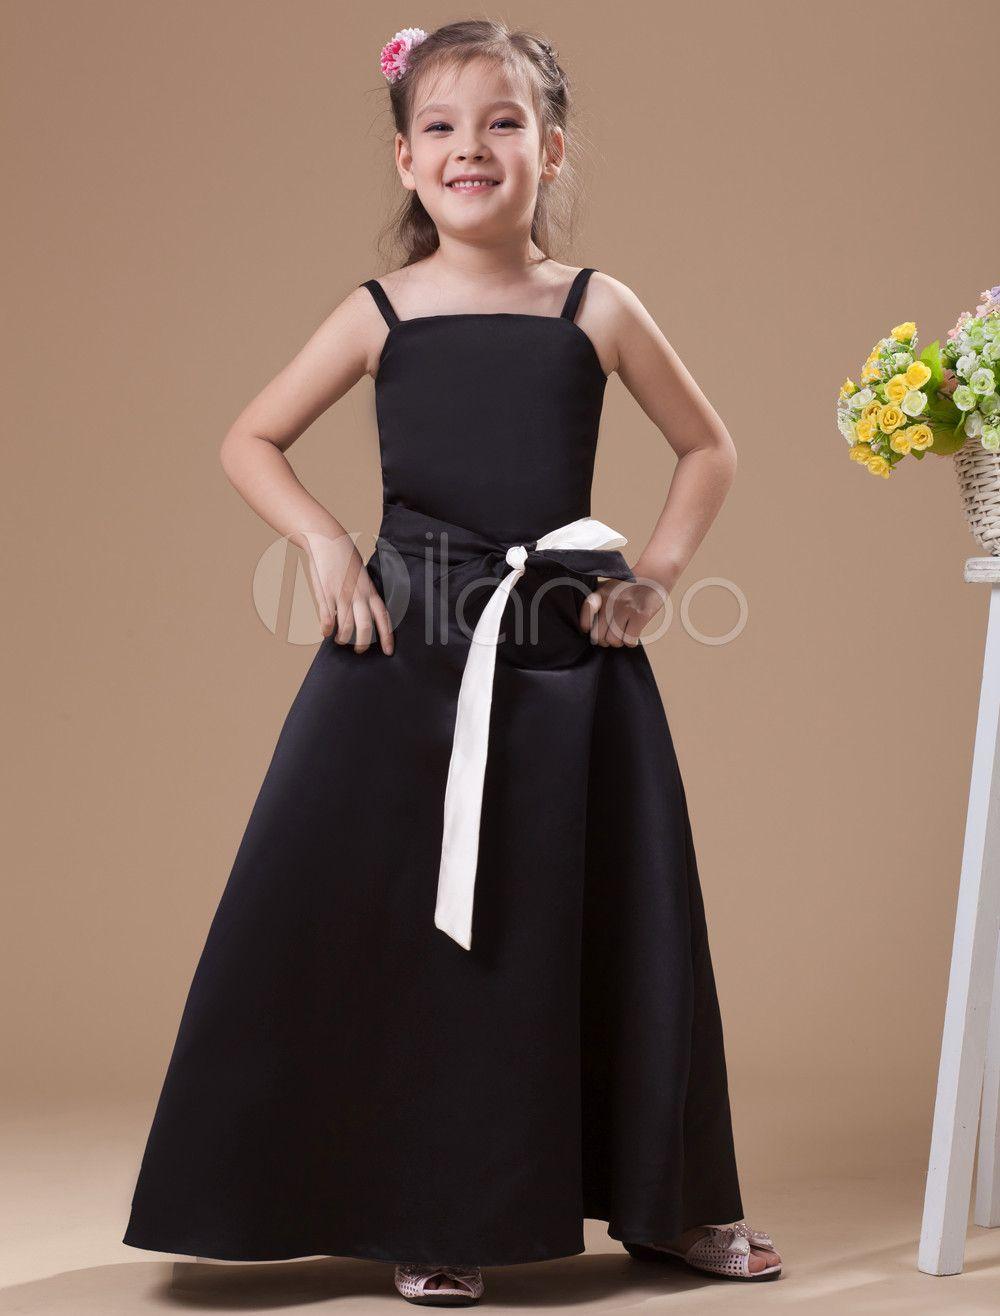 Milanoo ltd junior bridesmaid dresses attractive black satin milanoo ltd junior bridesmaid dresses attractive black satin ombrellifo Choice Image